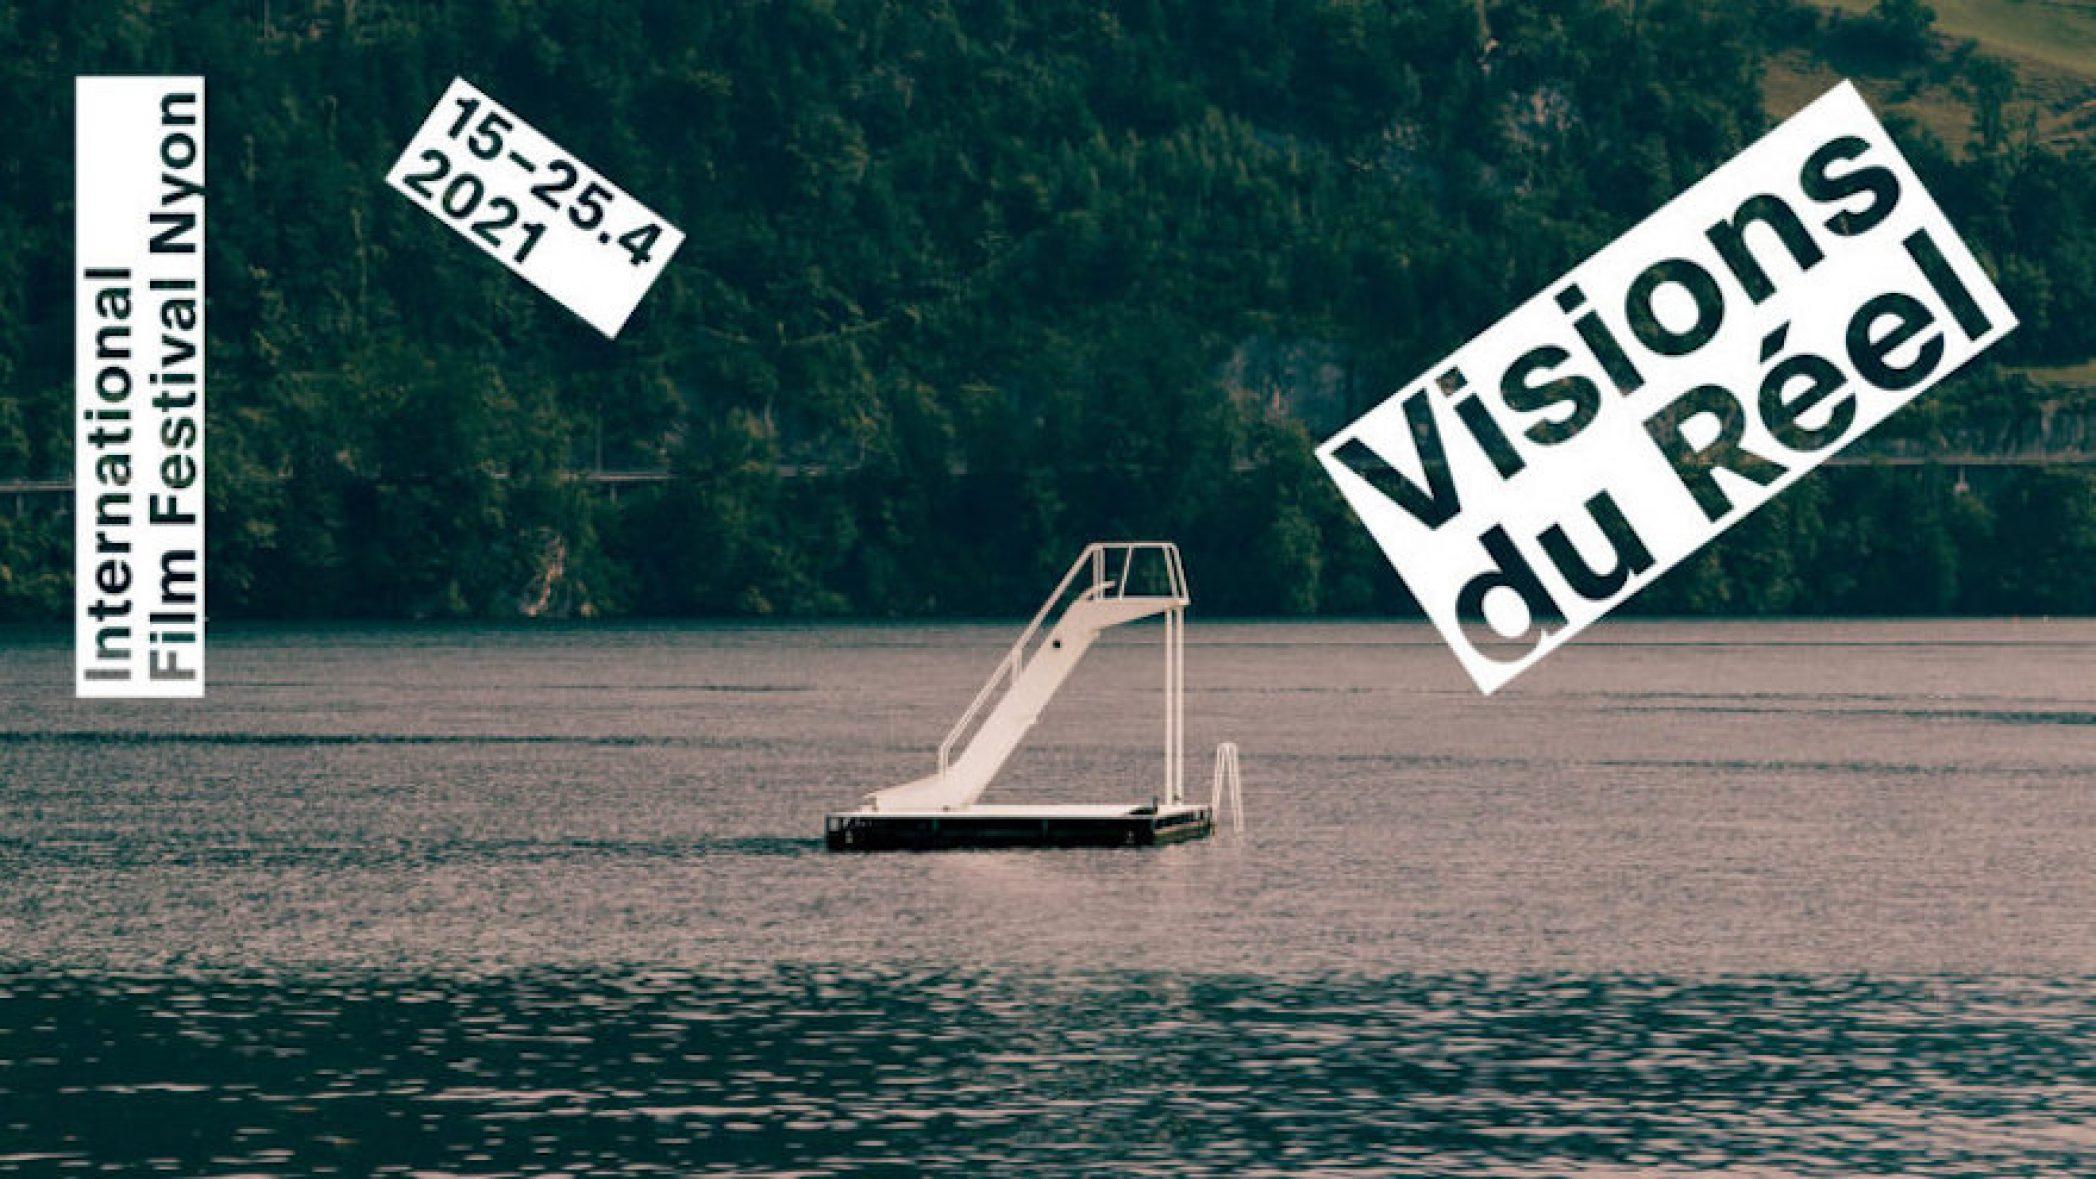 Visions du Réel 2021 Plakat